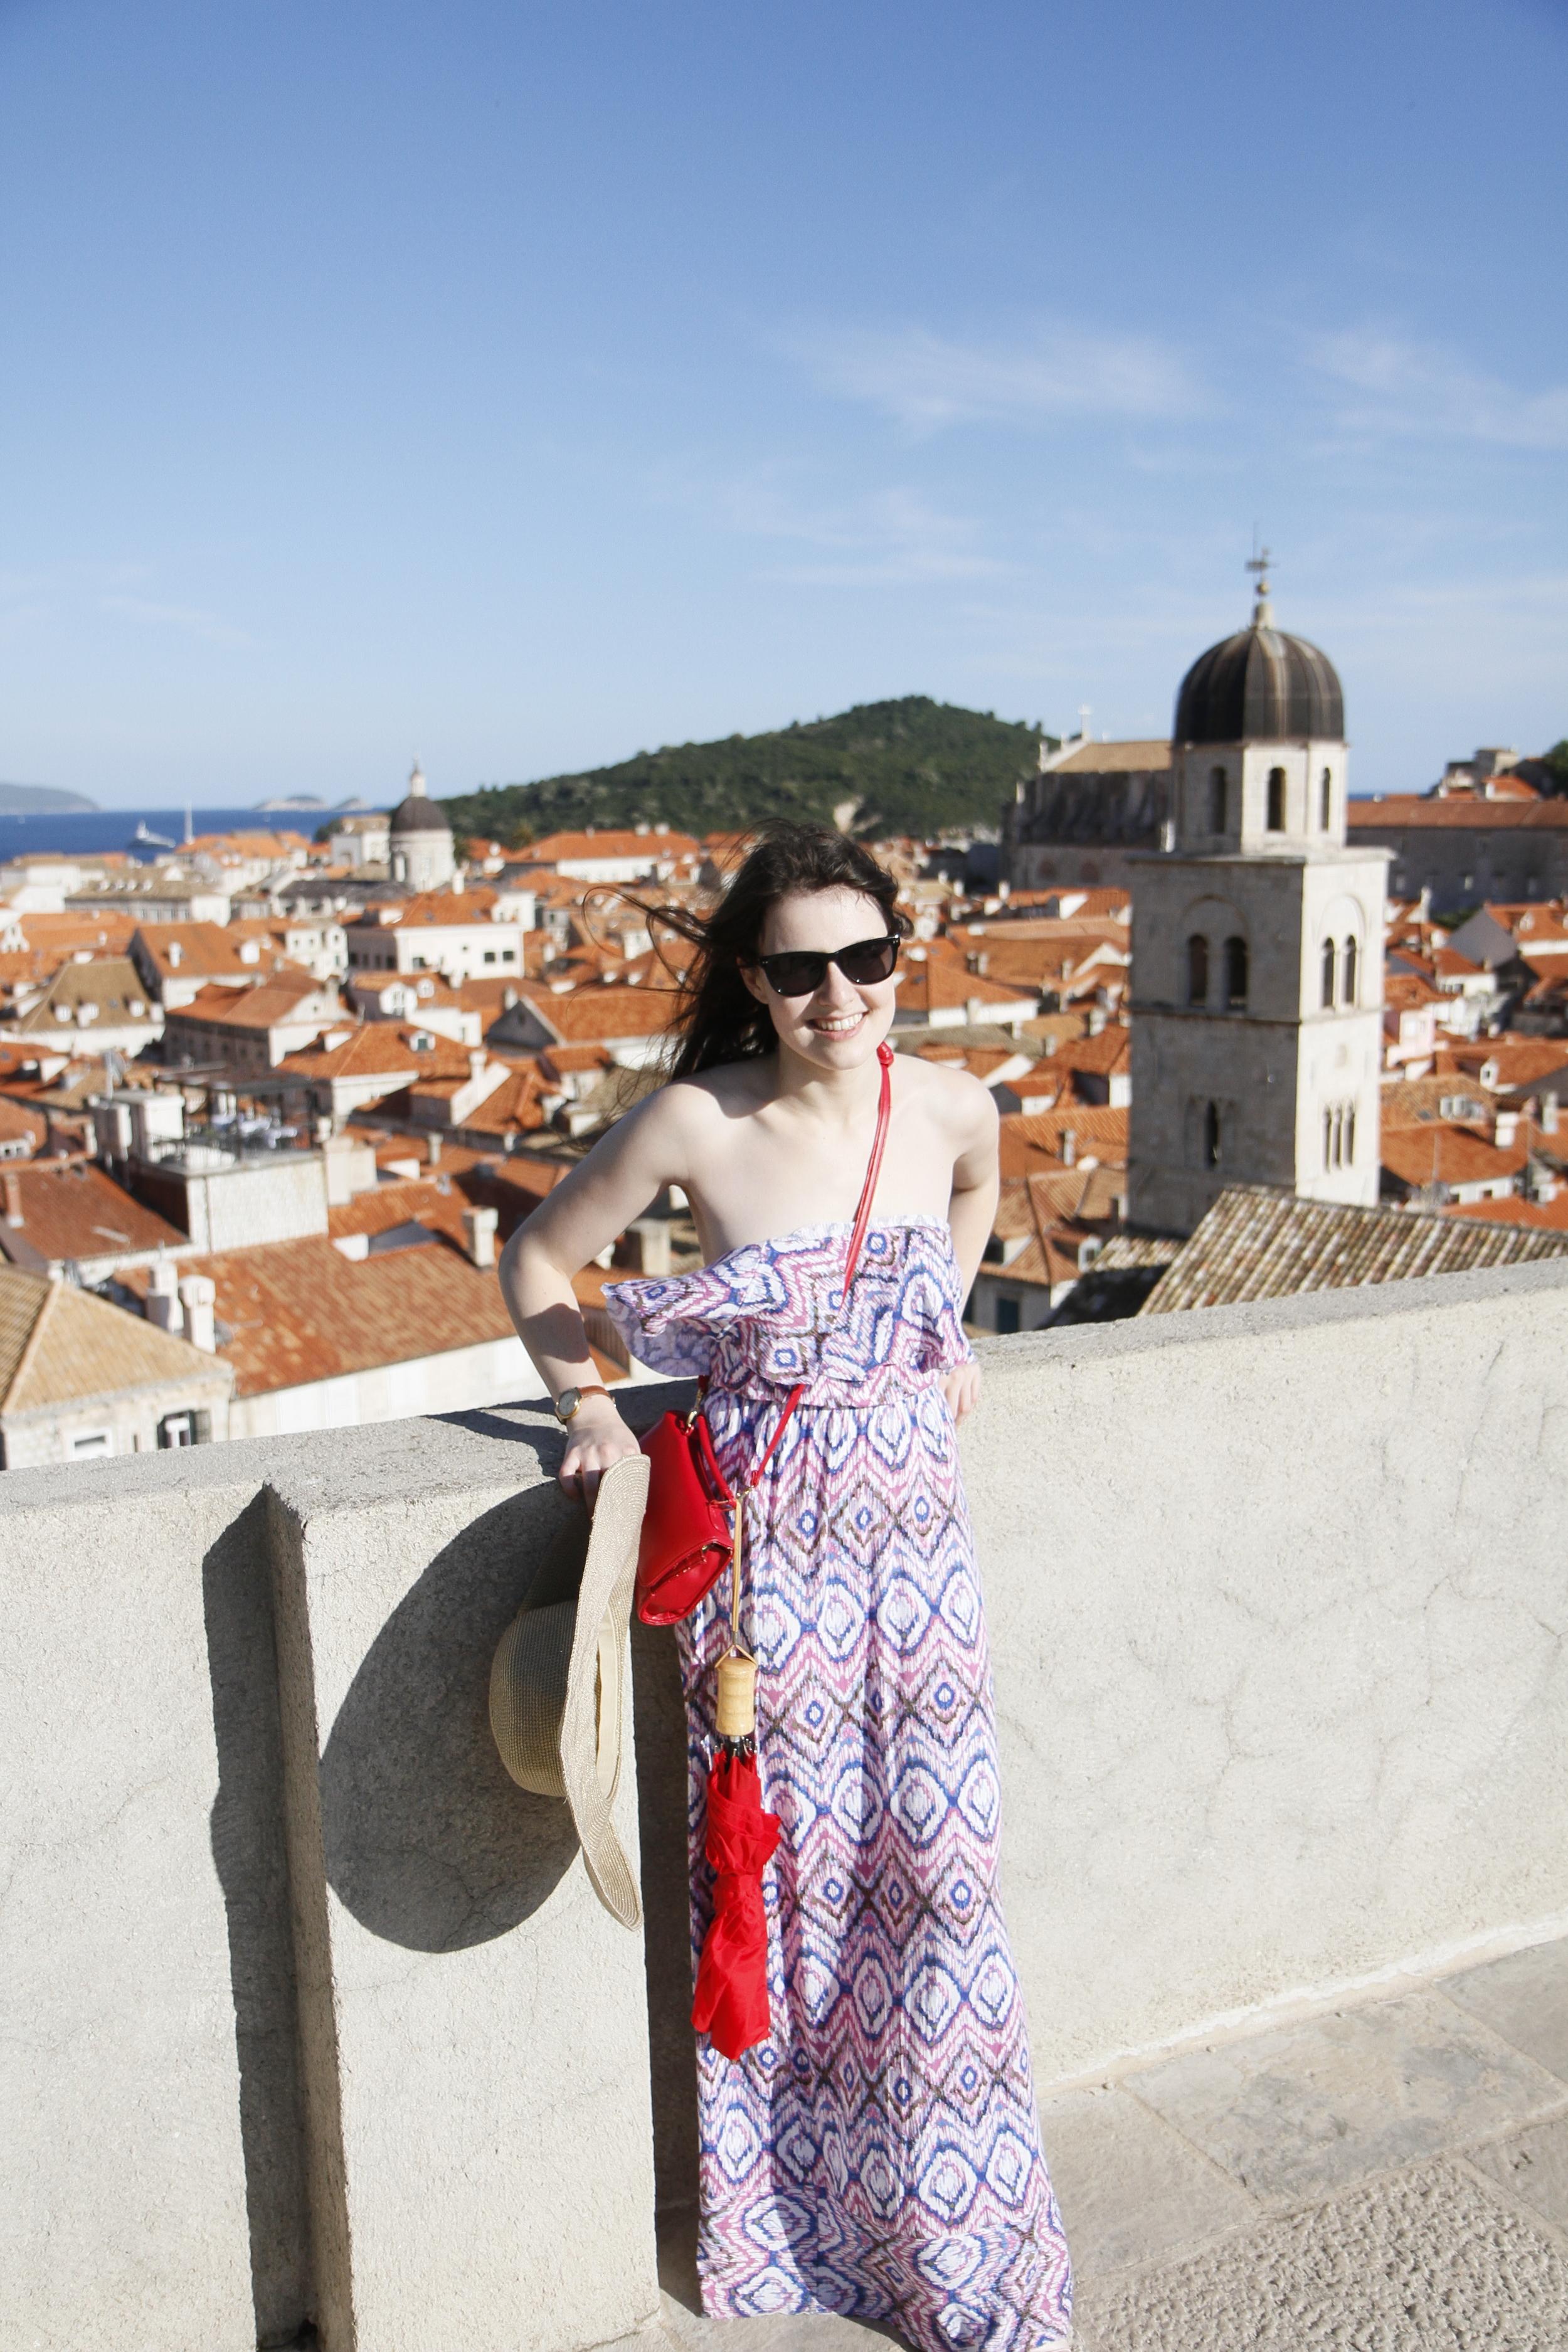 Zina Kumok | Personal Finance Writer